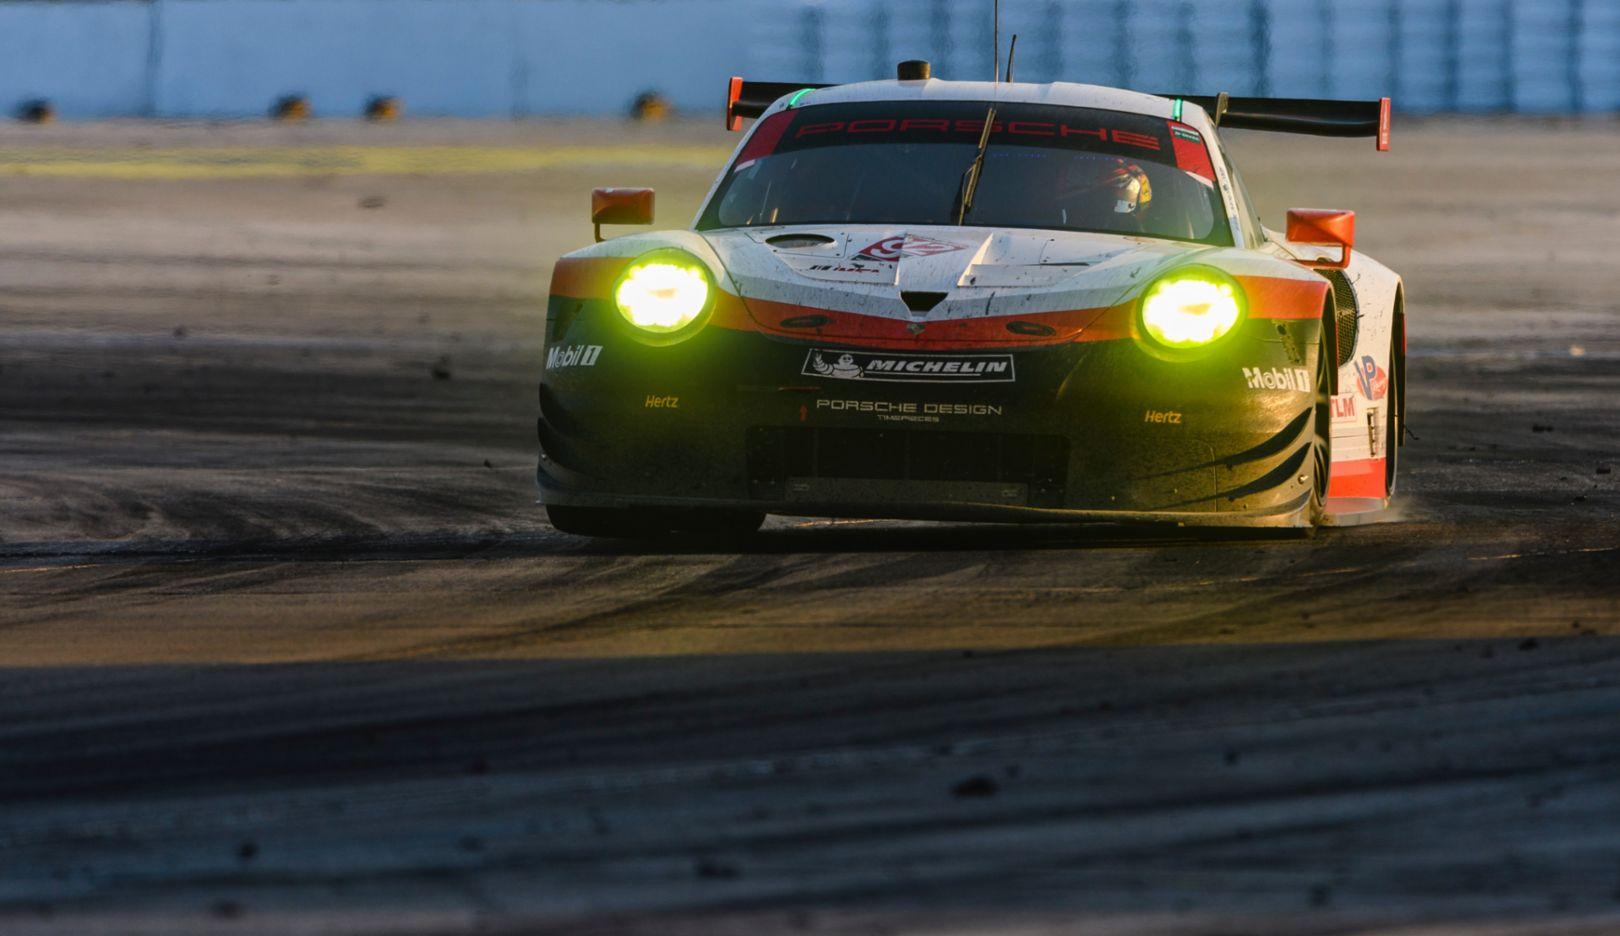 911 RSR, IMSA SportsCar Championship, Sebring, USA, 2017, Porsche AG